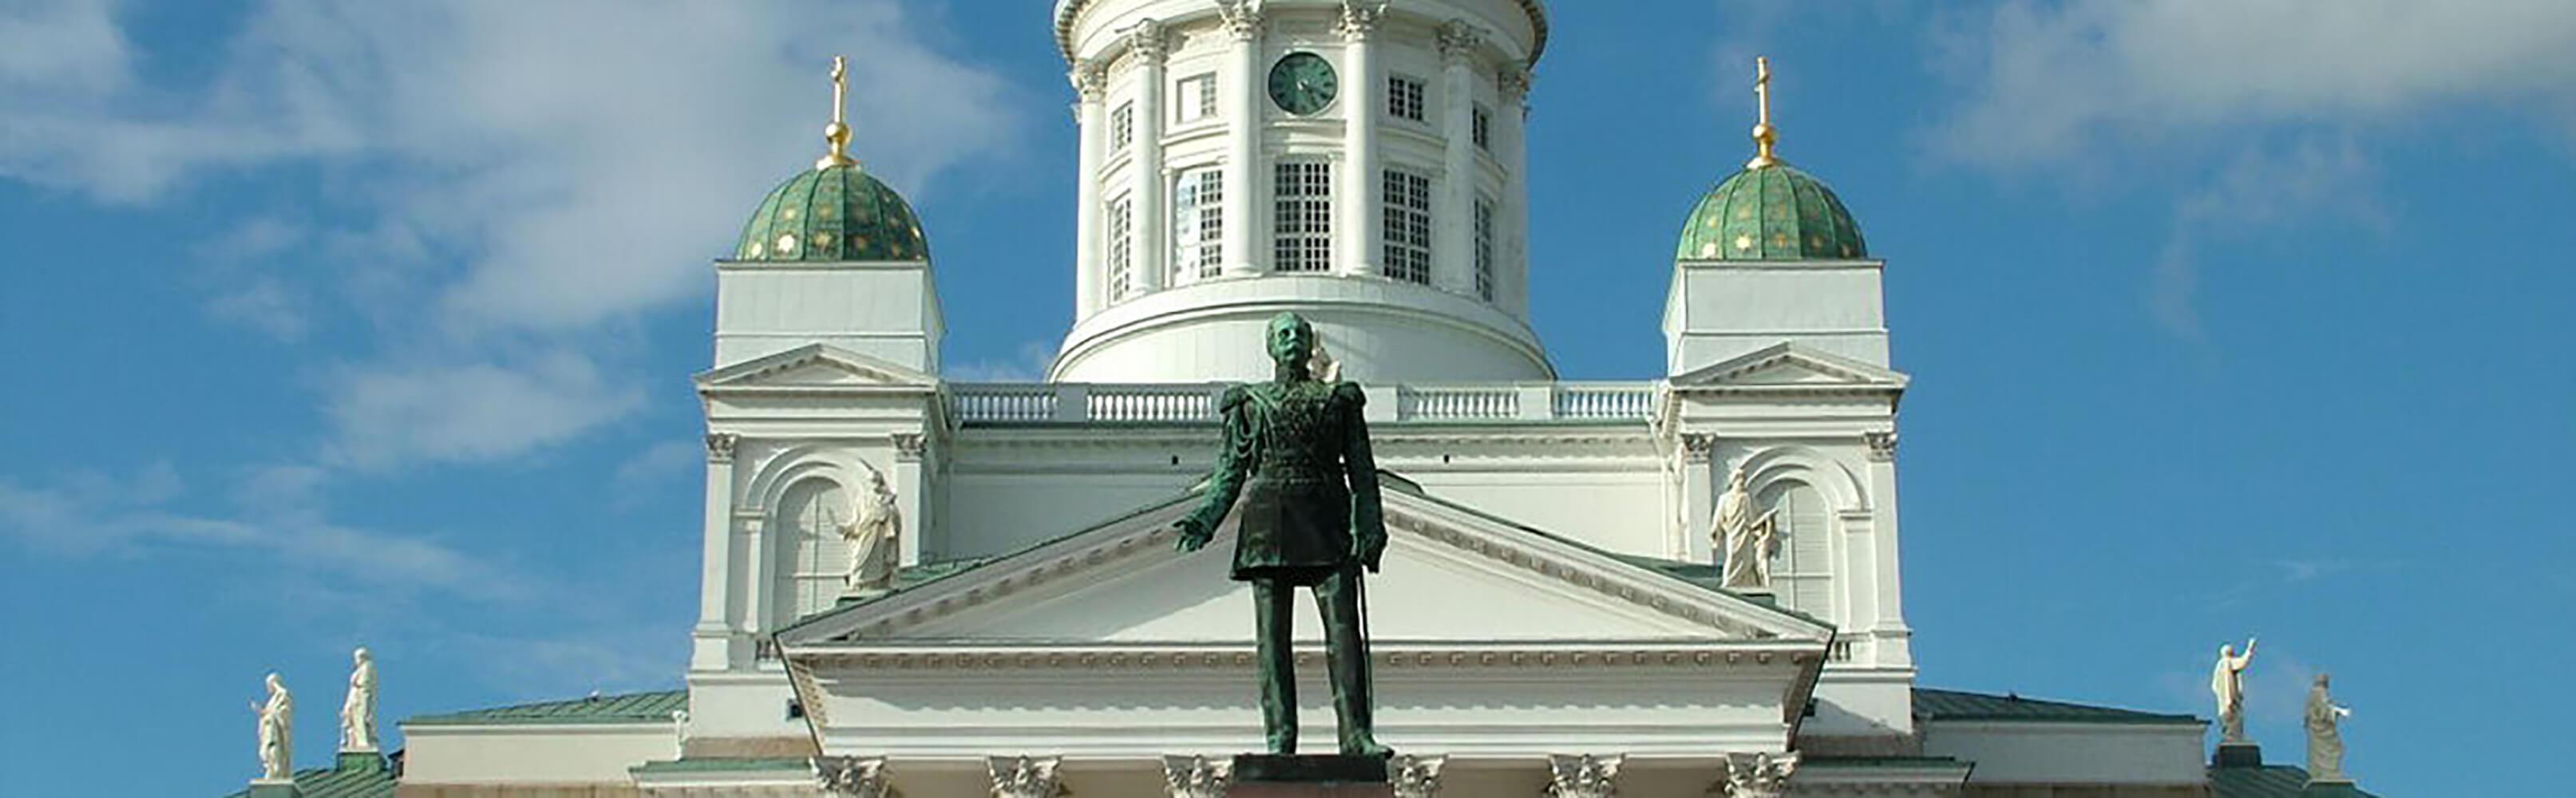 Dom von Helsinki 1